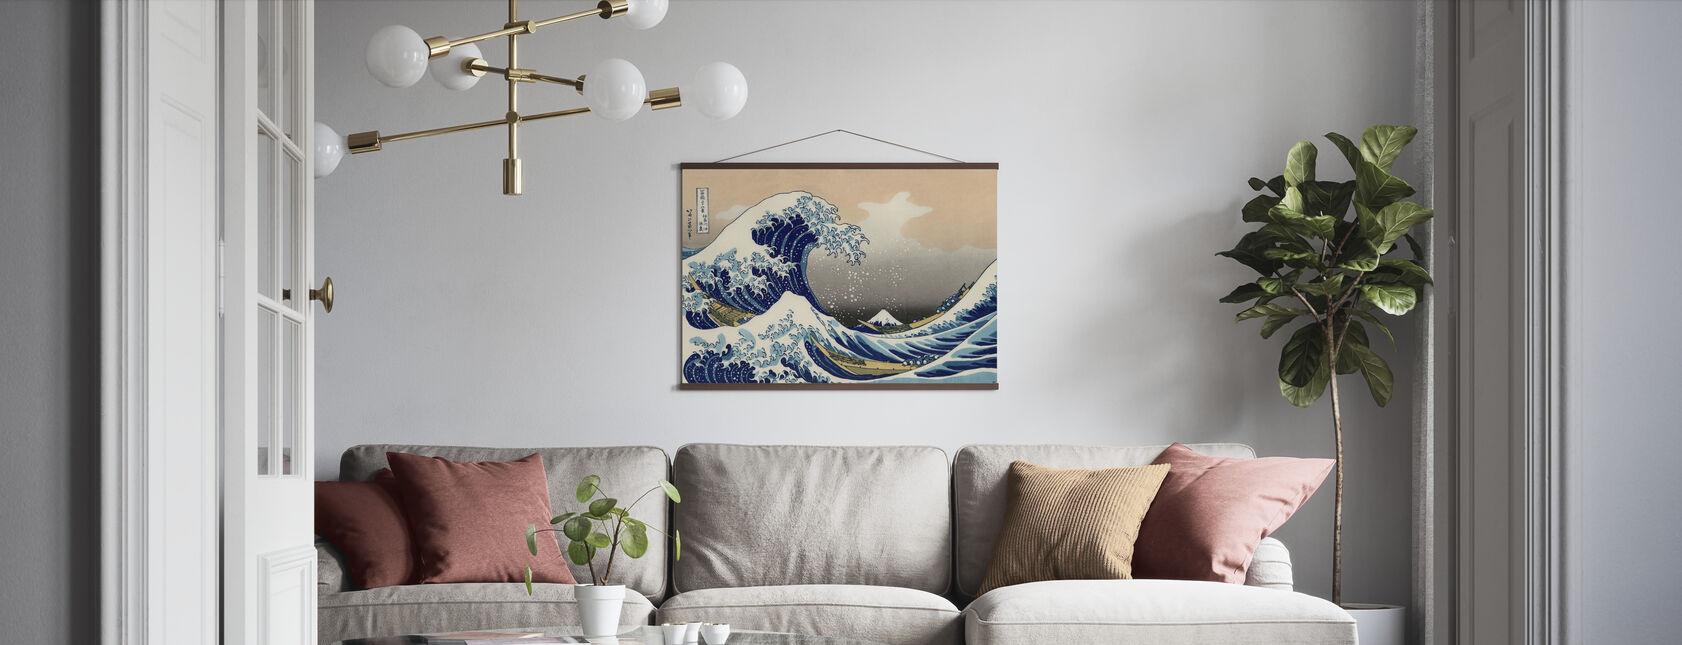 Grande Onda, Katsushika Hokusai - Poster - Salotto